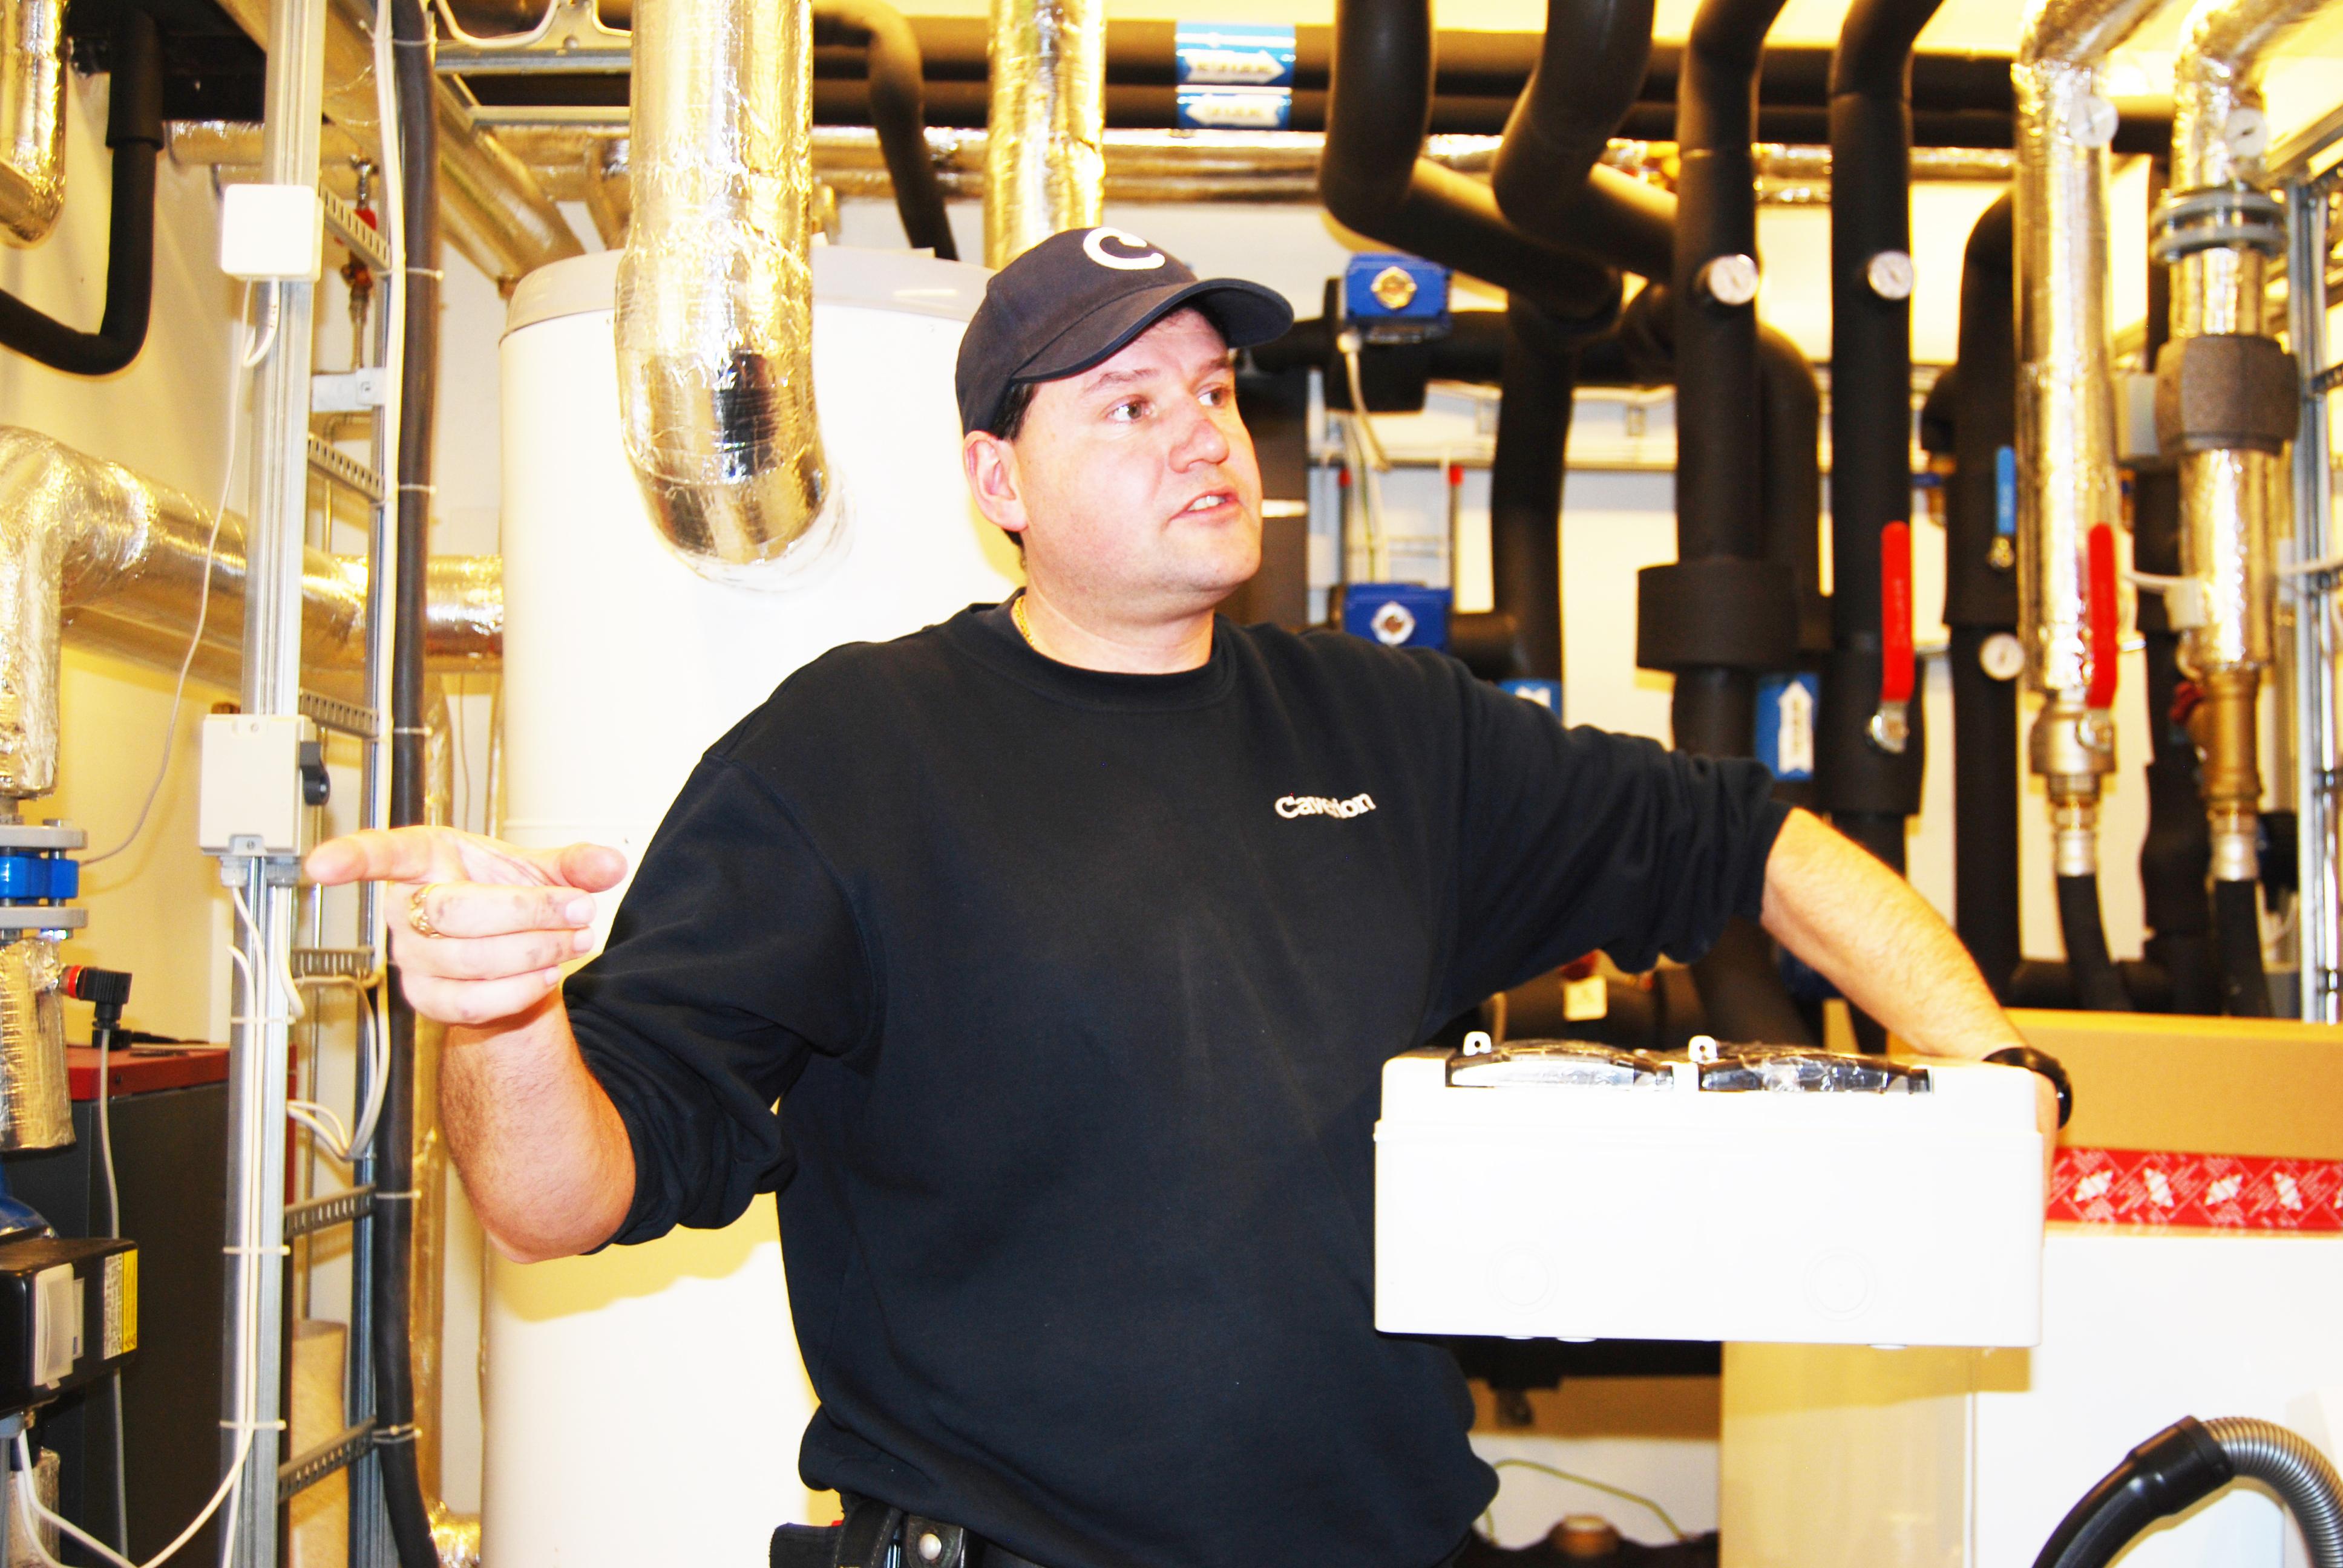 Servicetekniker Pål Martin Ohlgren med koffertsettet Caverion Condition Control